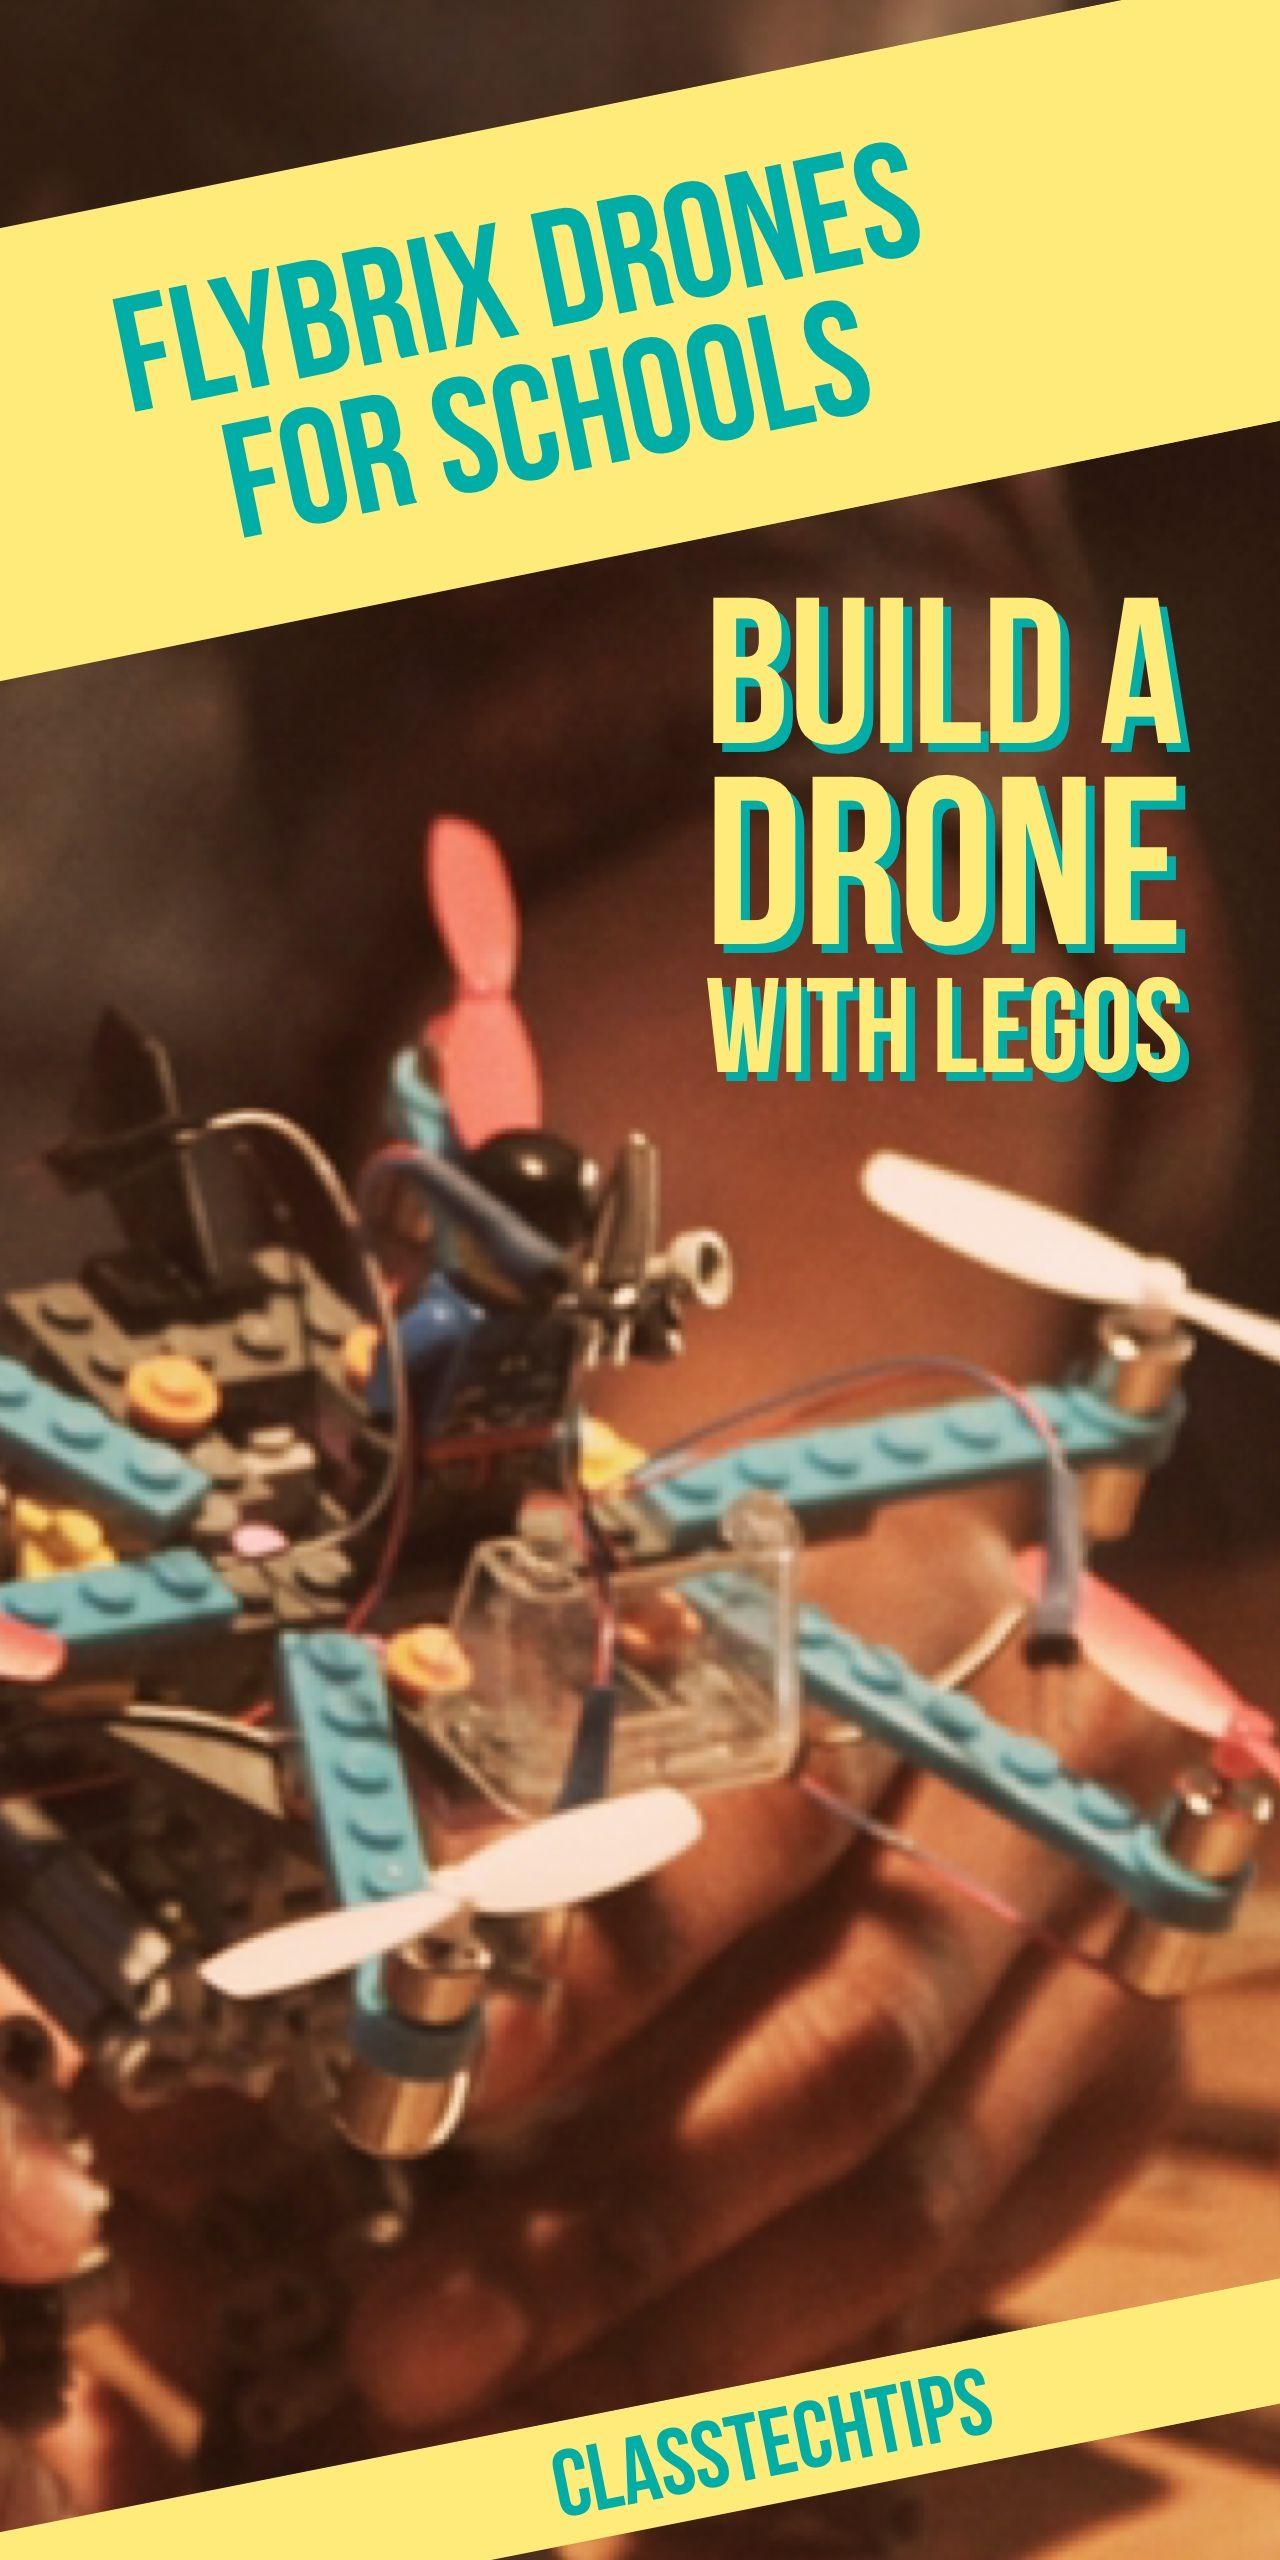 Flybrix drones for schools build a drone with legos